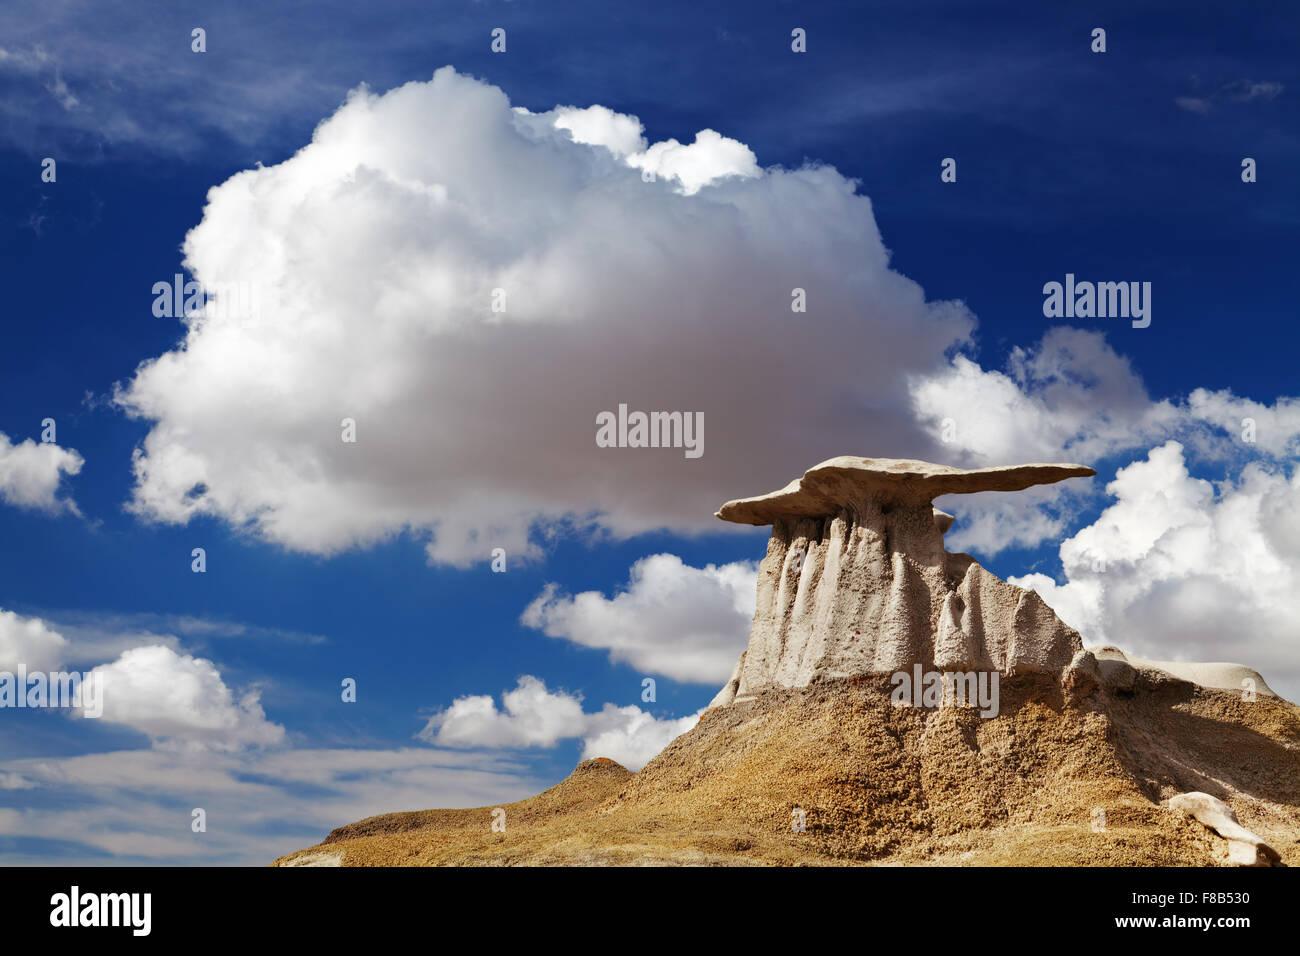 Le ali, bizzarre formazioni rocciose in Bisti Badlands, Nuovo Messico, STATI UNITI D'AMERICA Immagini Stock